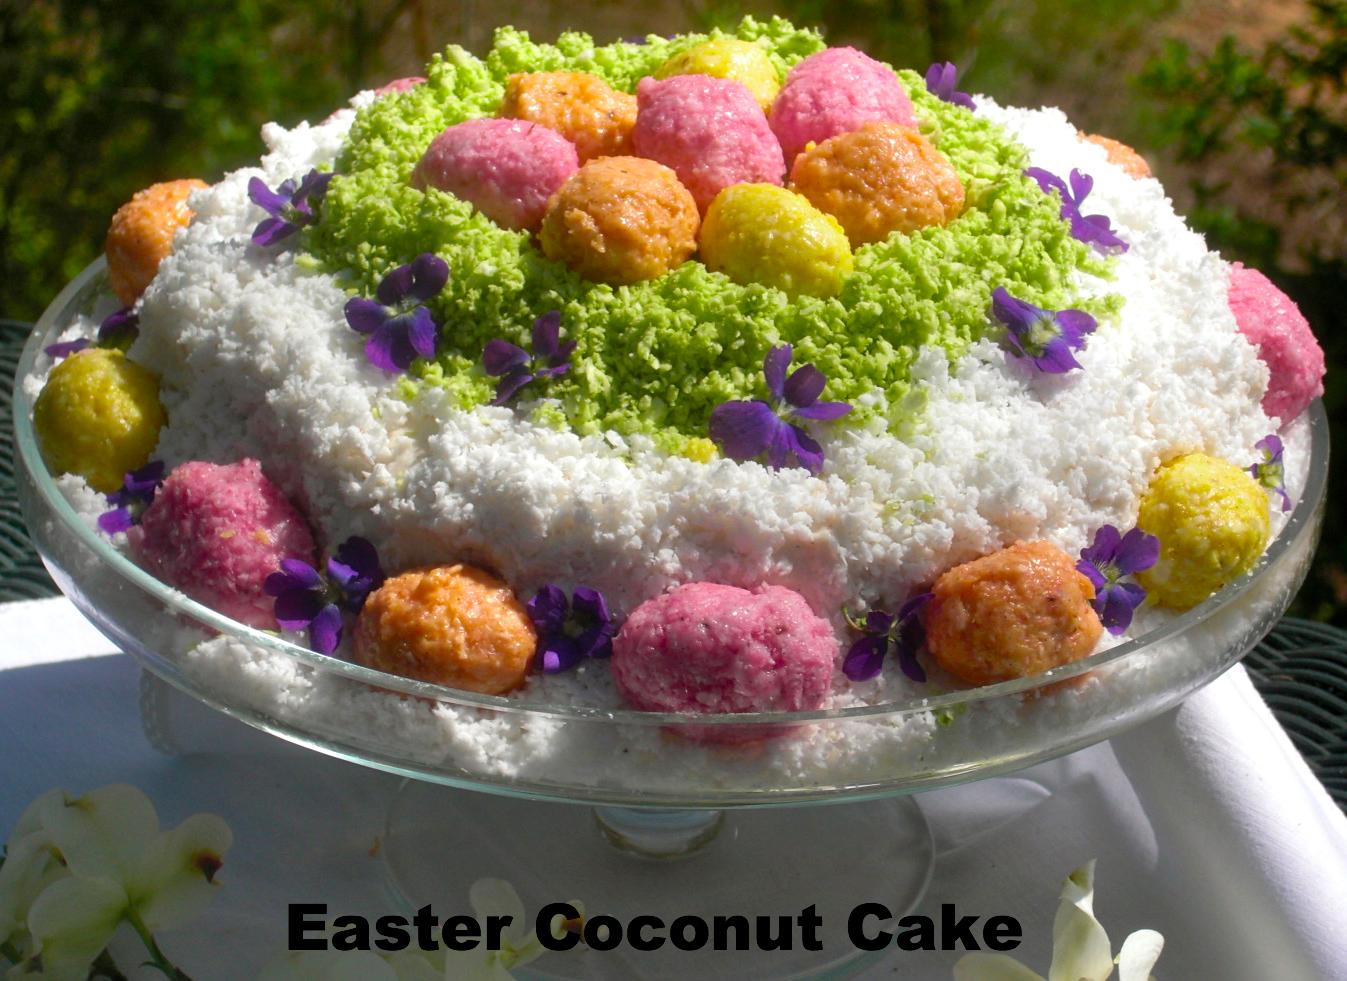 easter+cake.JPG 2013-7-30-10:32:57